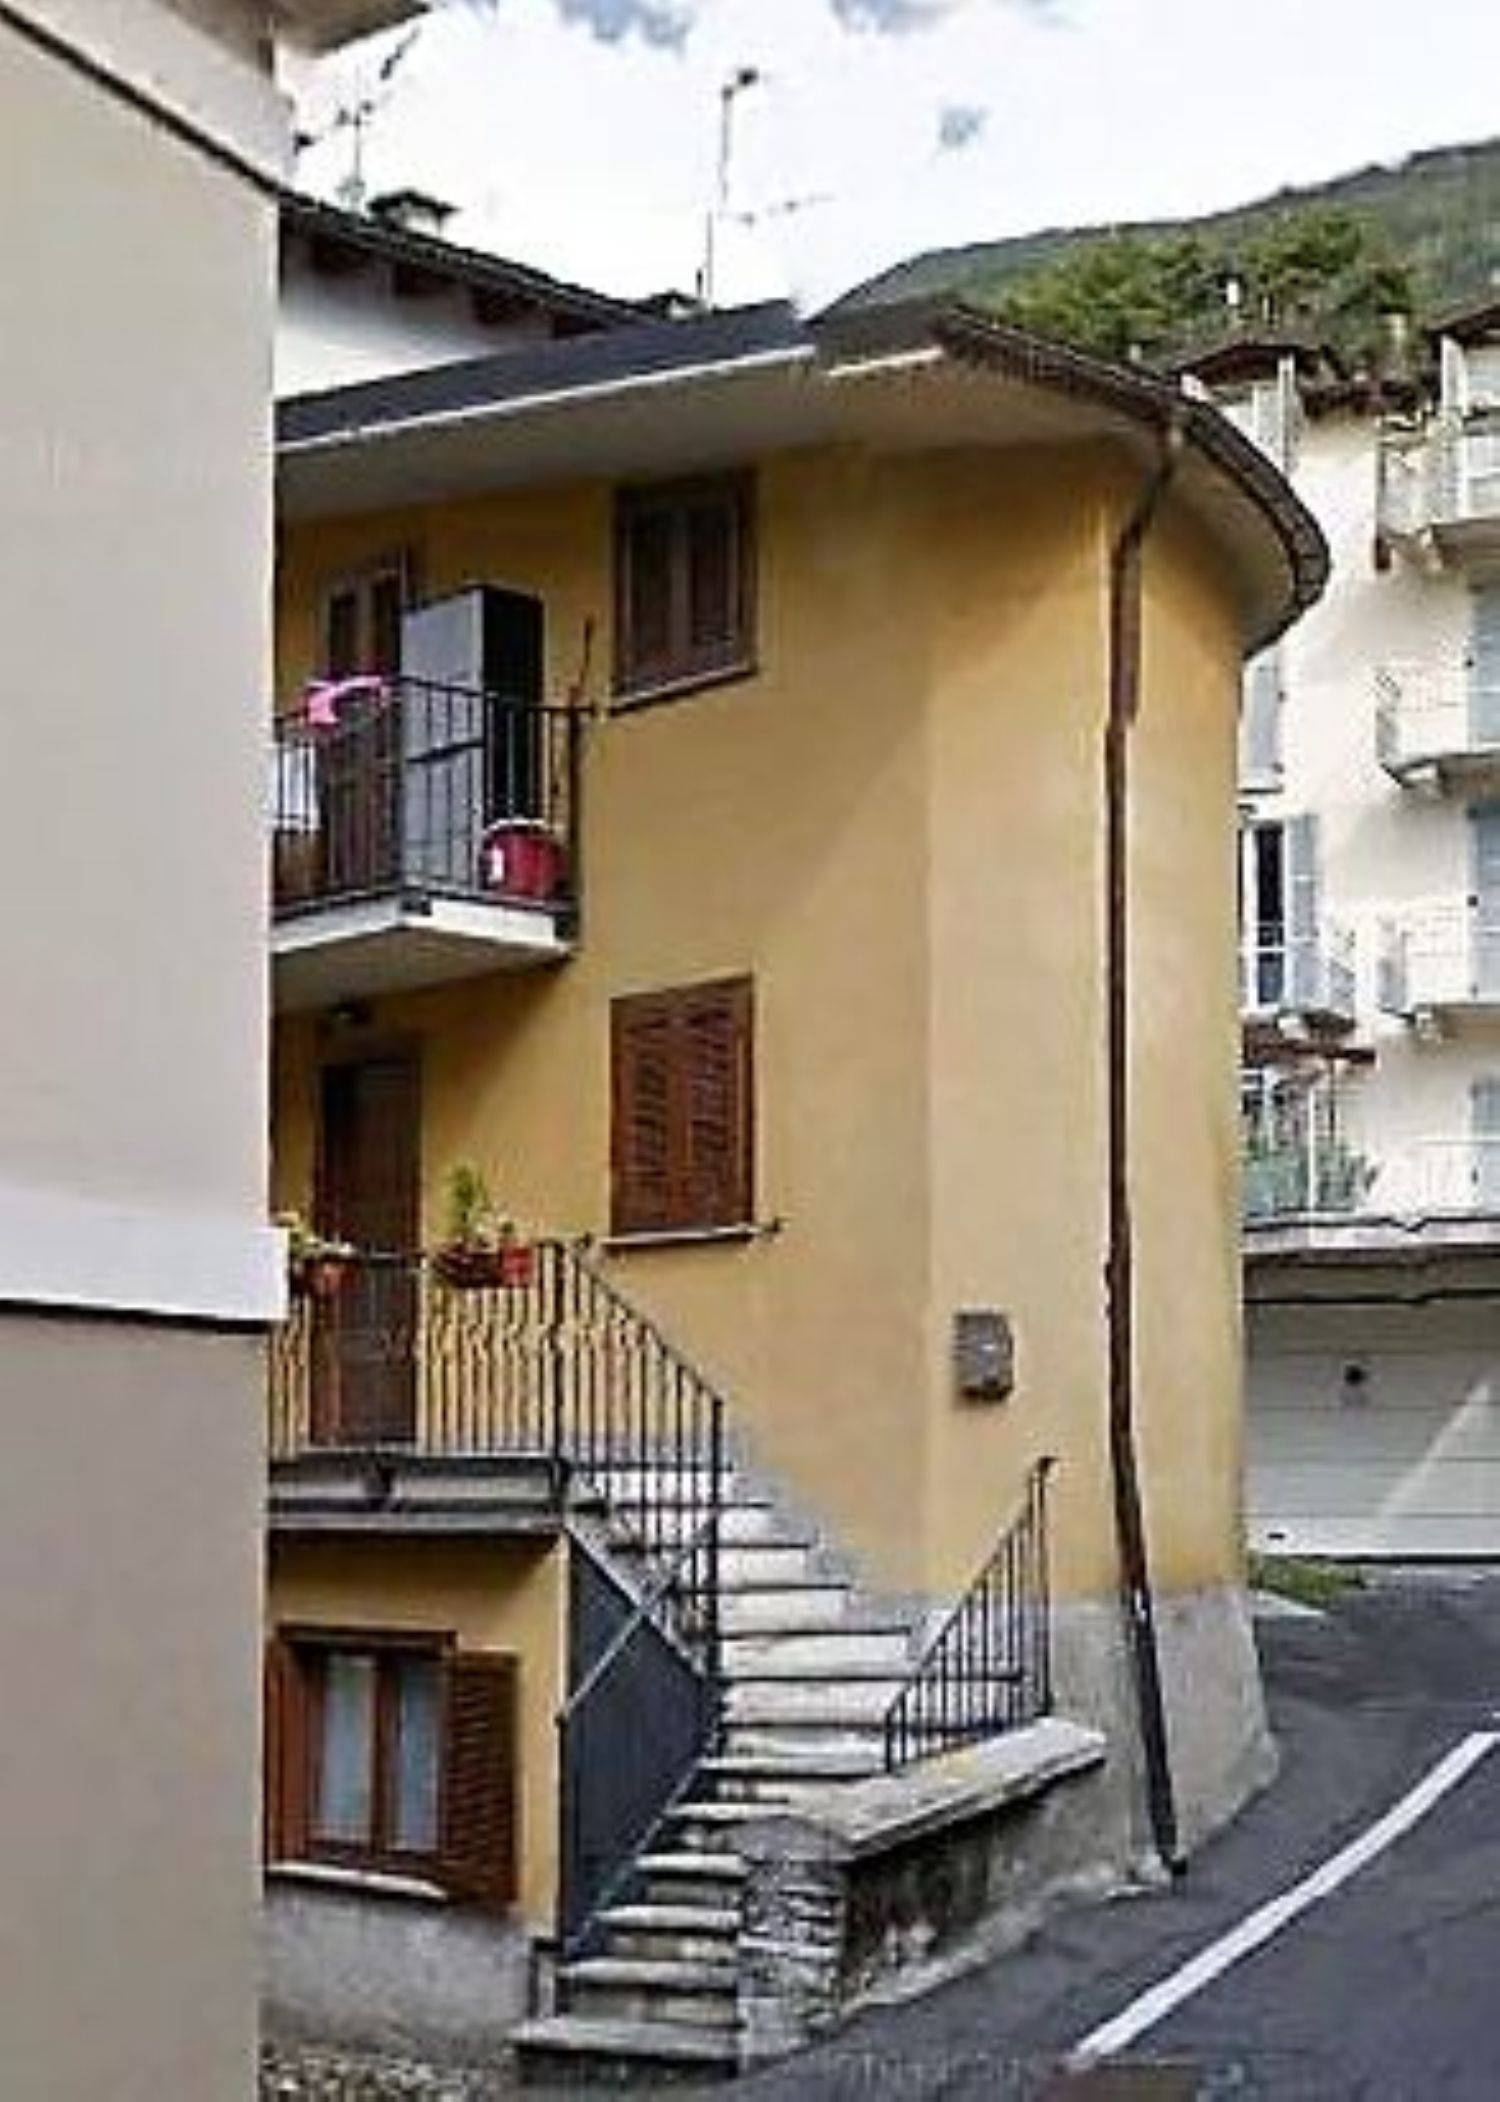 Duplex in Affitto a Sondrio